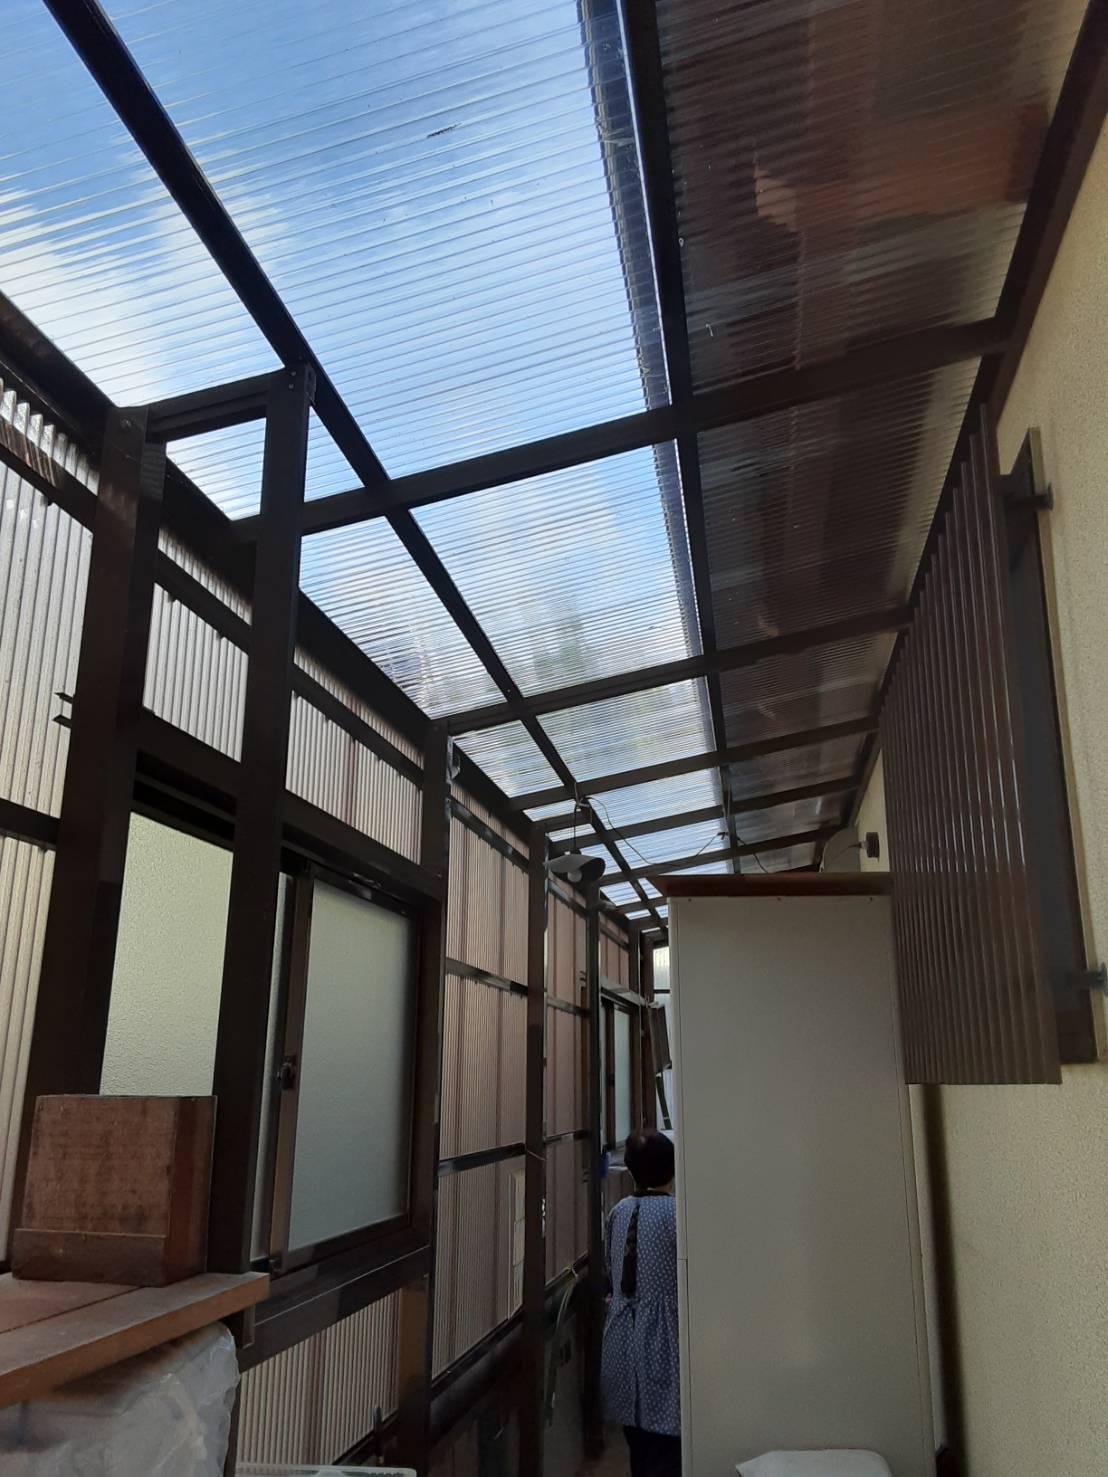 ギャラリーパティオのテラス囲い 波板交換の施工事例写真